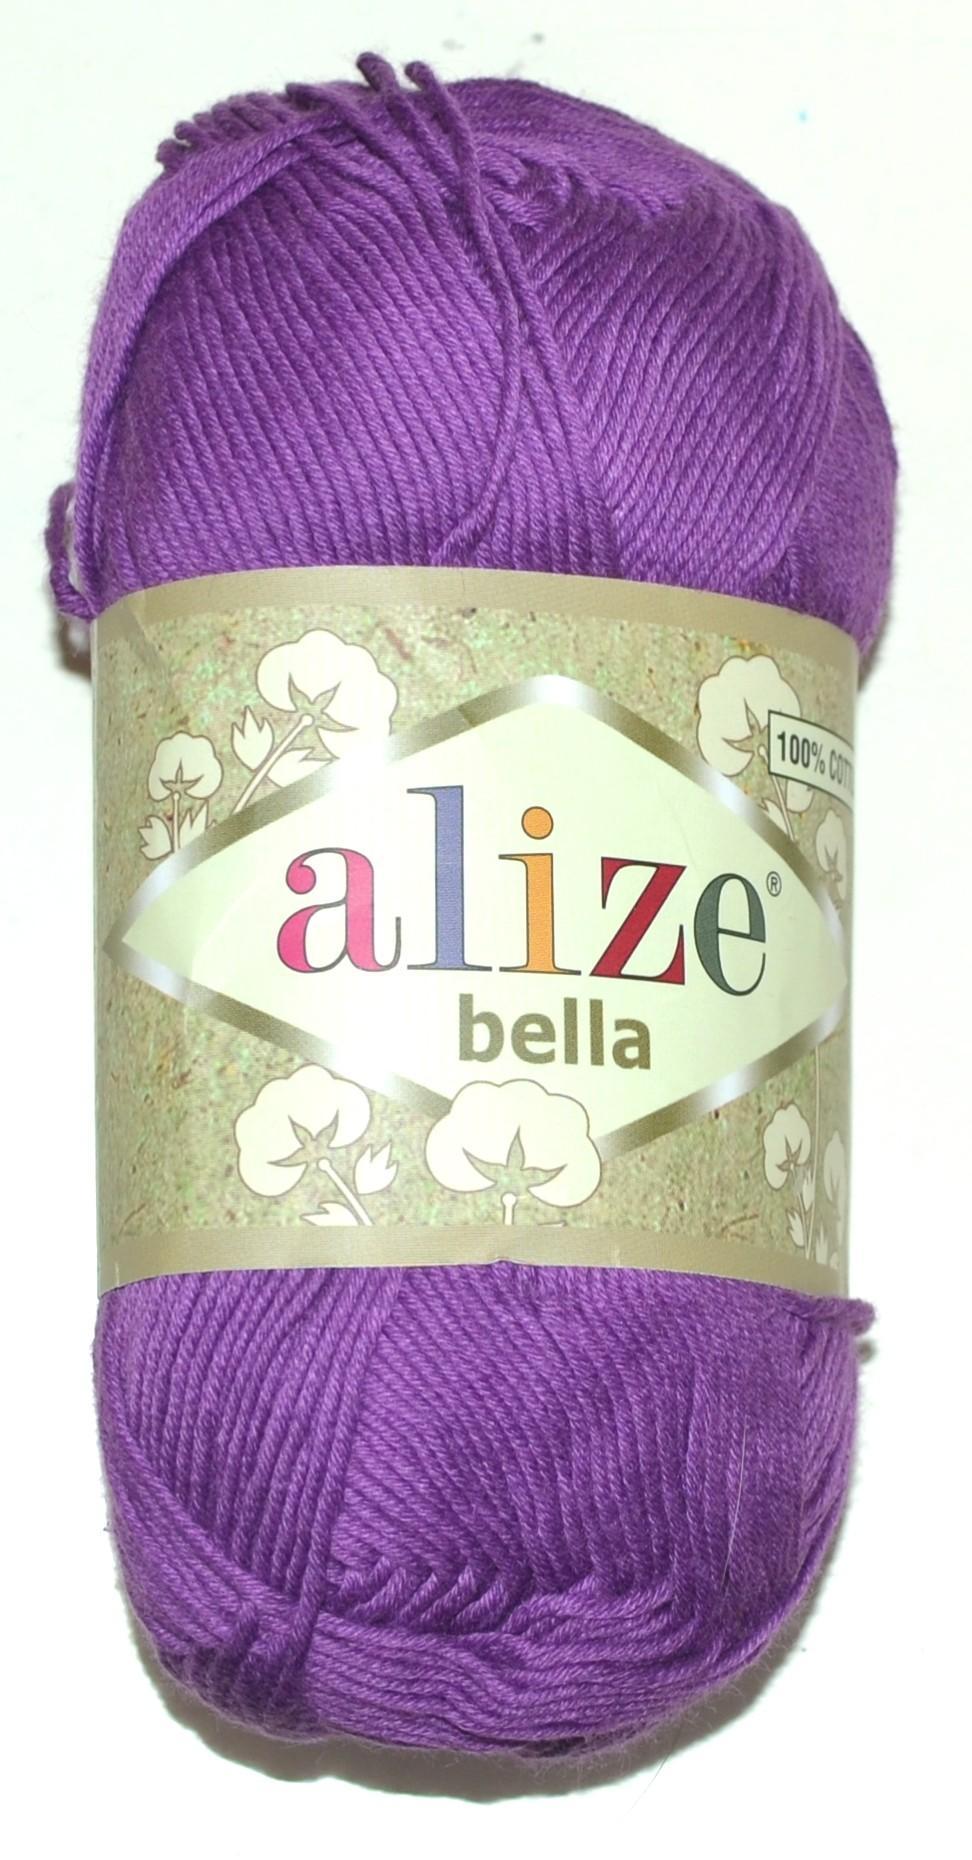 9eeb6c42a3b Купить ПРЯЖА ALIZE BELLA лиловый в интернет-магазине Домалетто ...